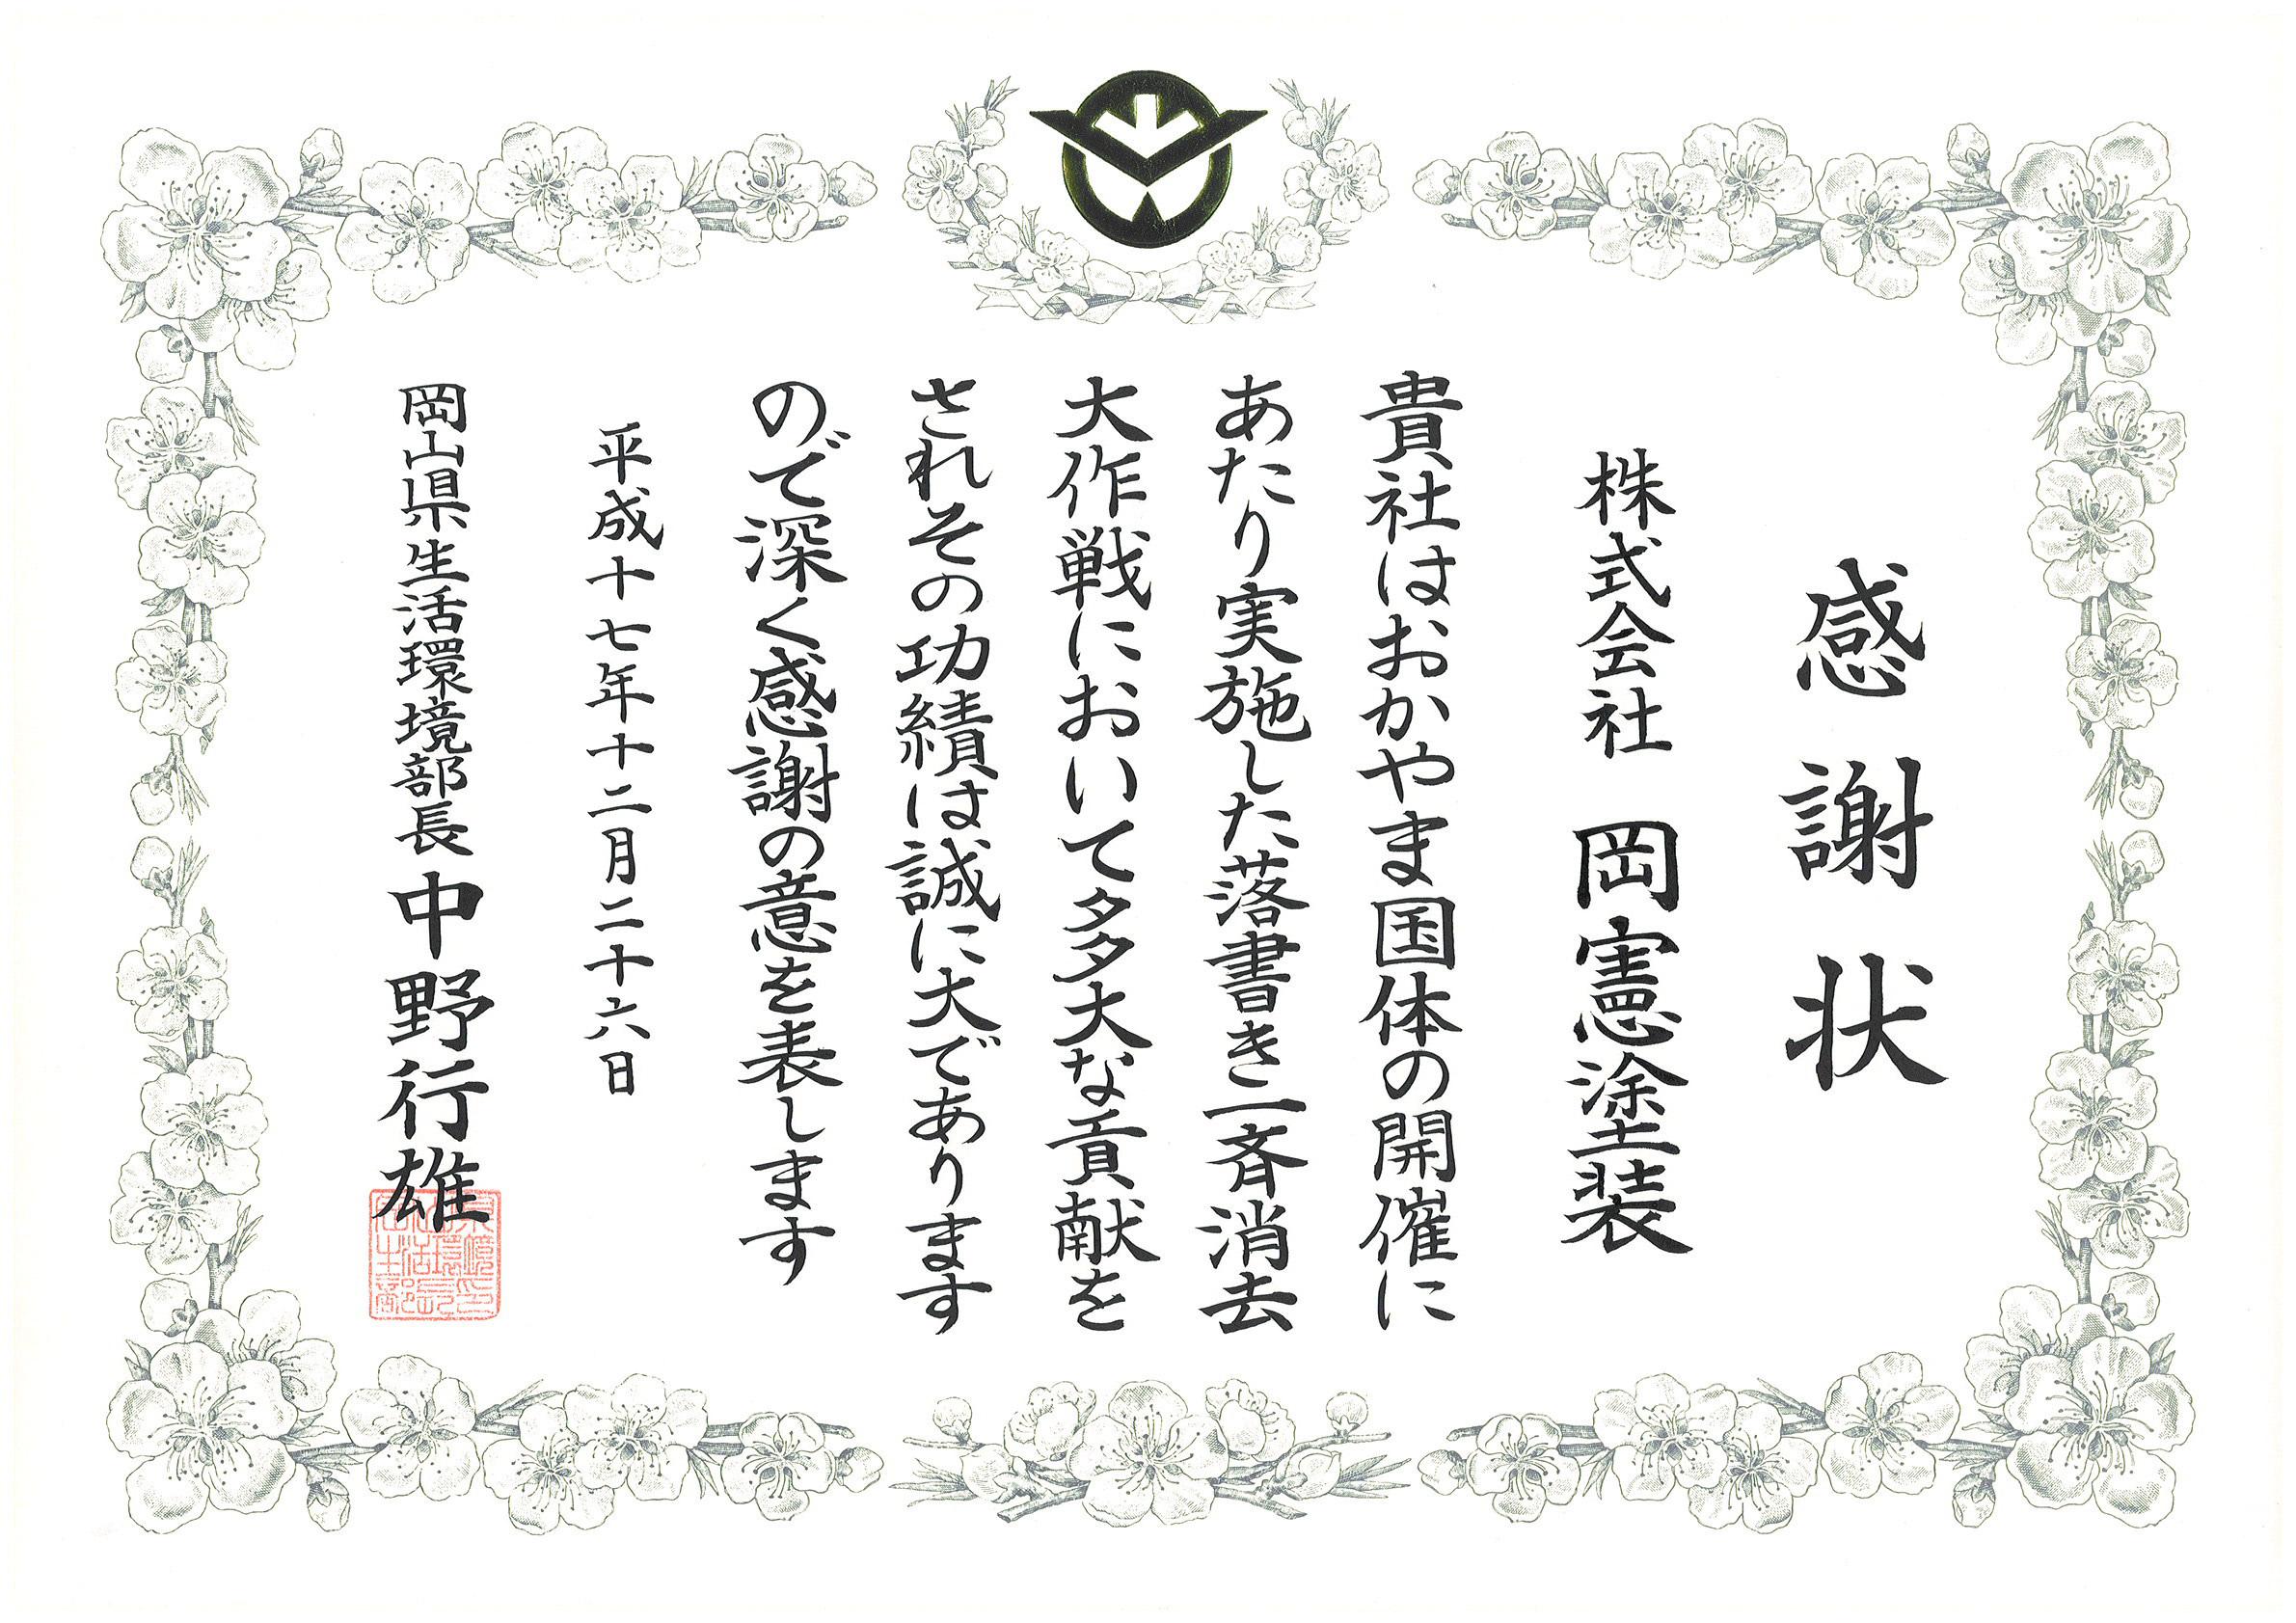 岡山県からの感謝状